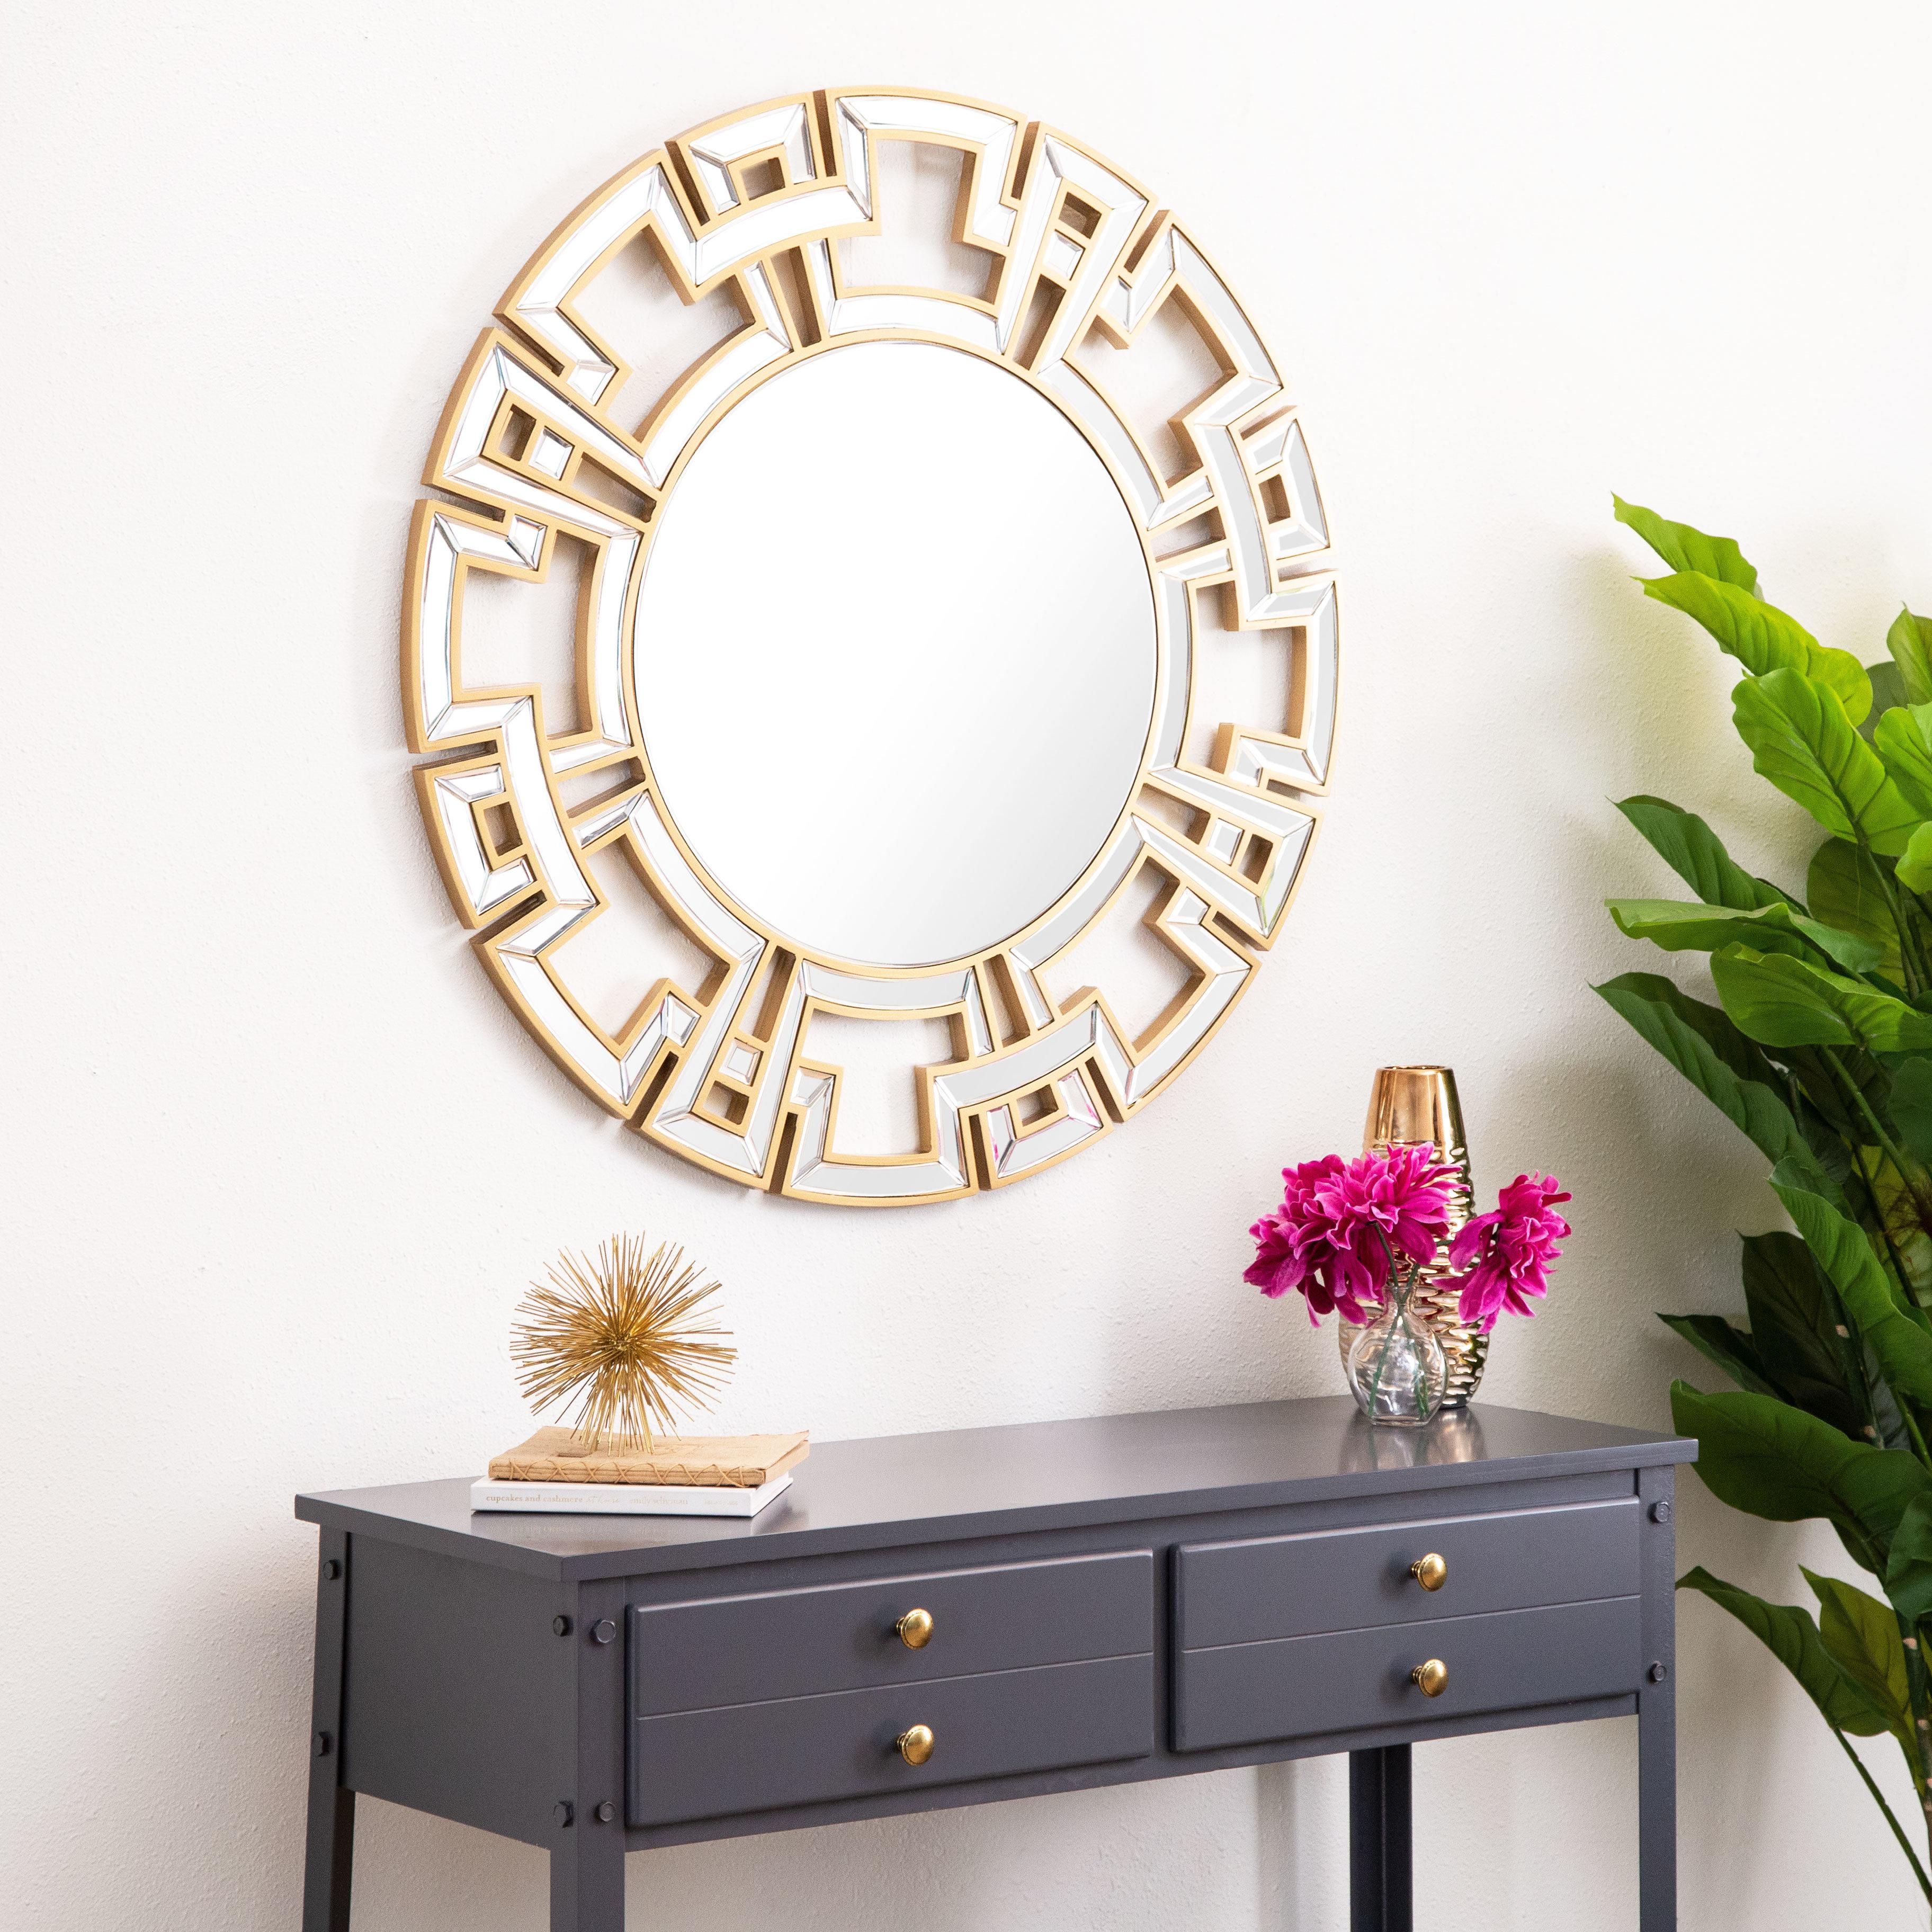 Tata Openwork Round Wall Mirror Regarding Deniece Sunburst Round Wall Mirrors (Image 15 of 20)